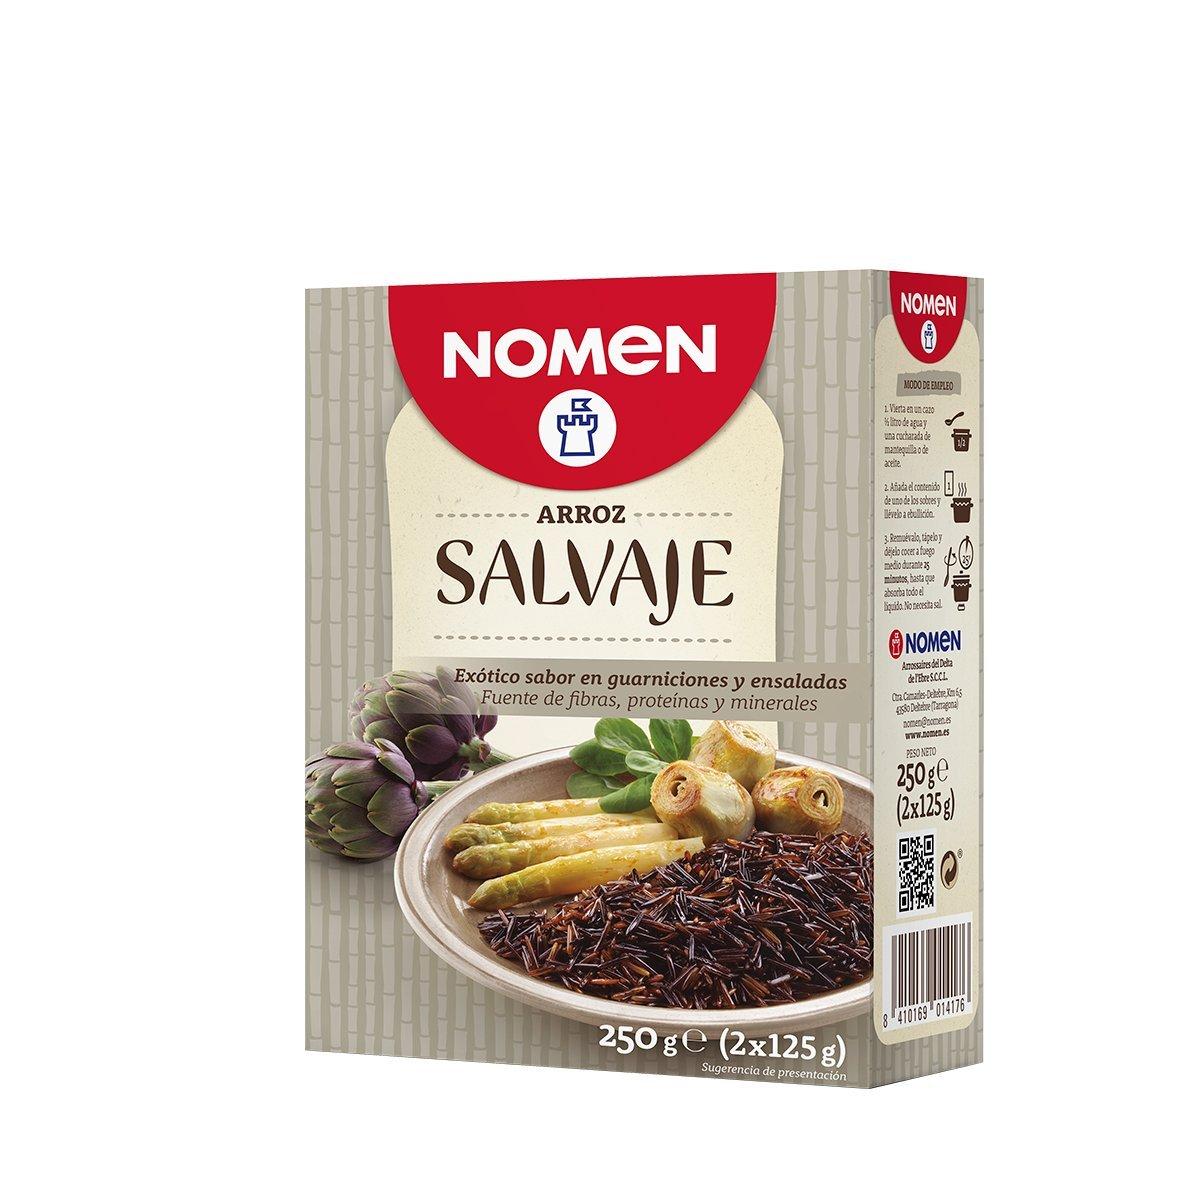 Nomen - Arroz Salvaje 250 g x 14 (3500 g total): Amazon.es: Alimentación y bebidas